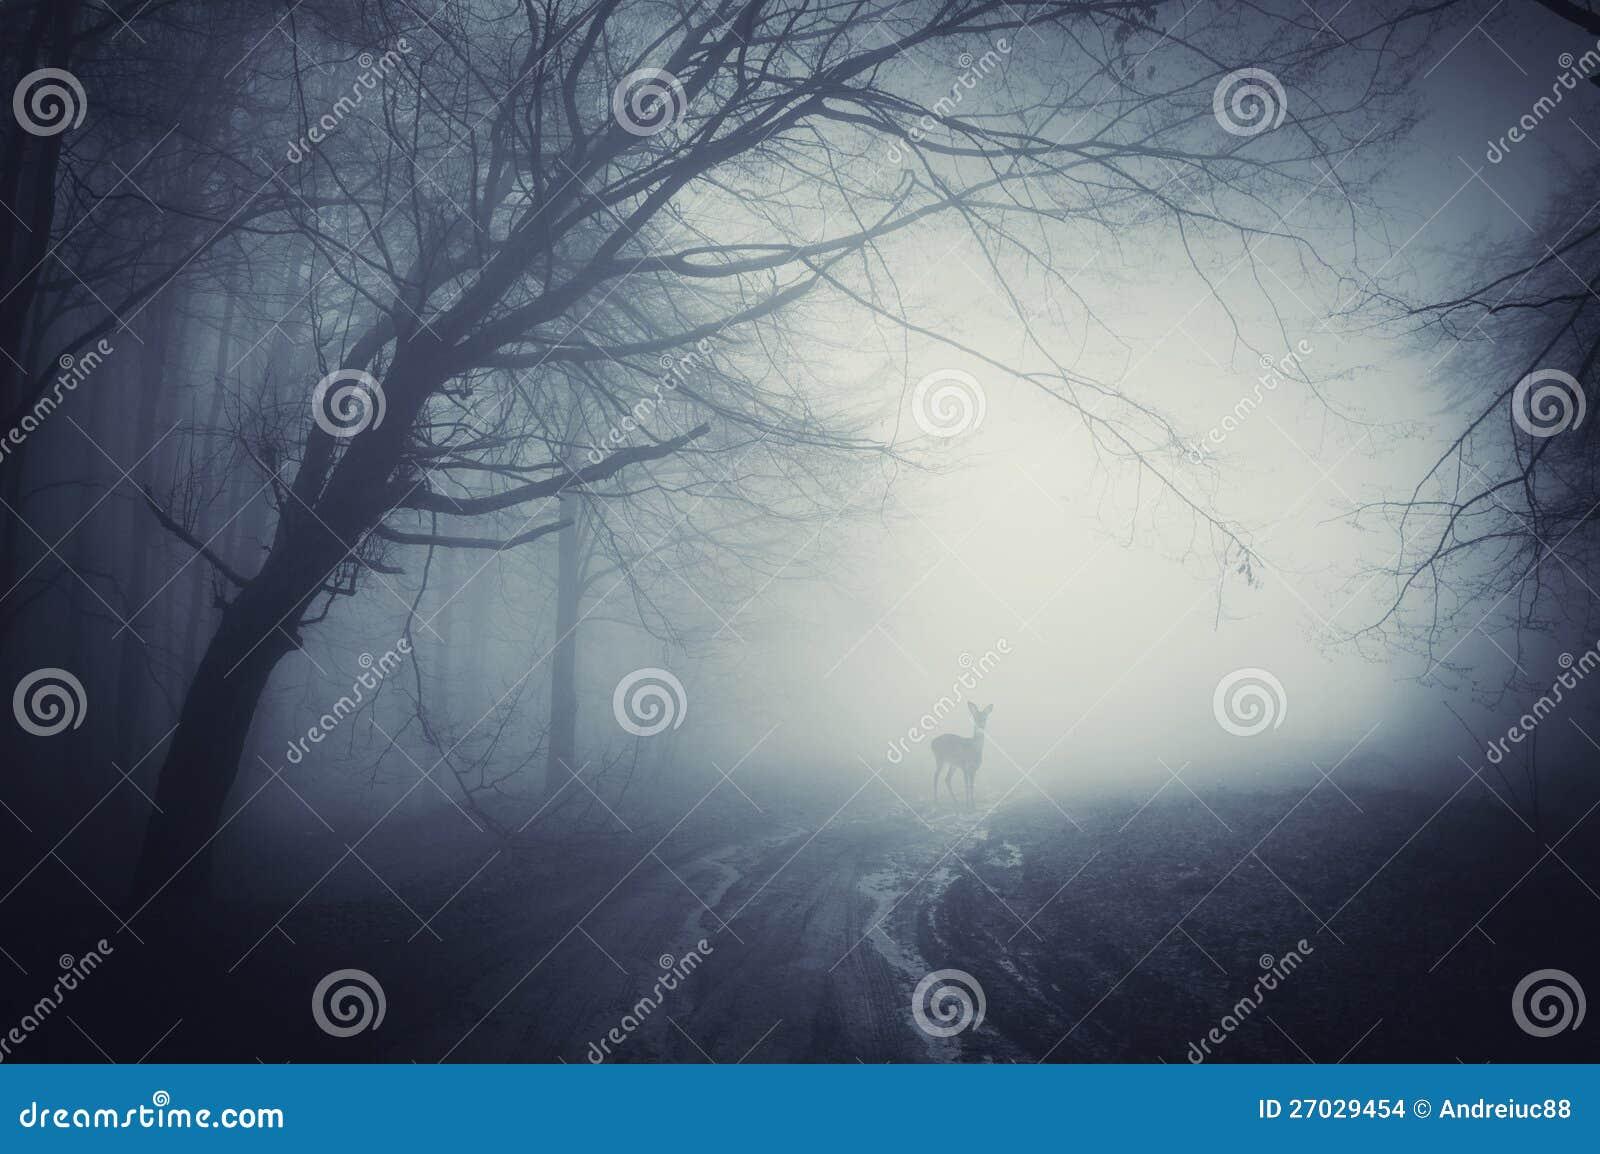 Rotwild auf einer Straße in einem dunklen Wald nach Regen